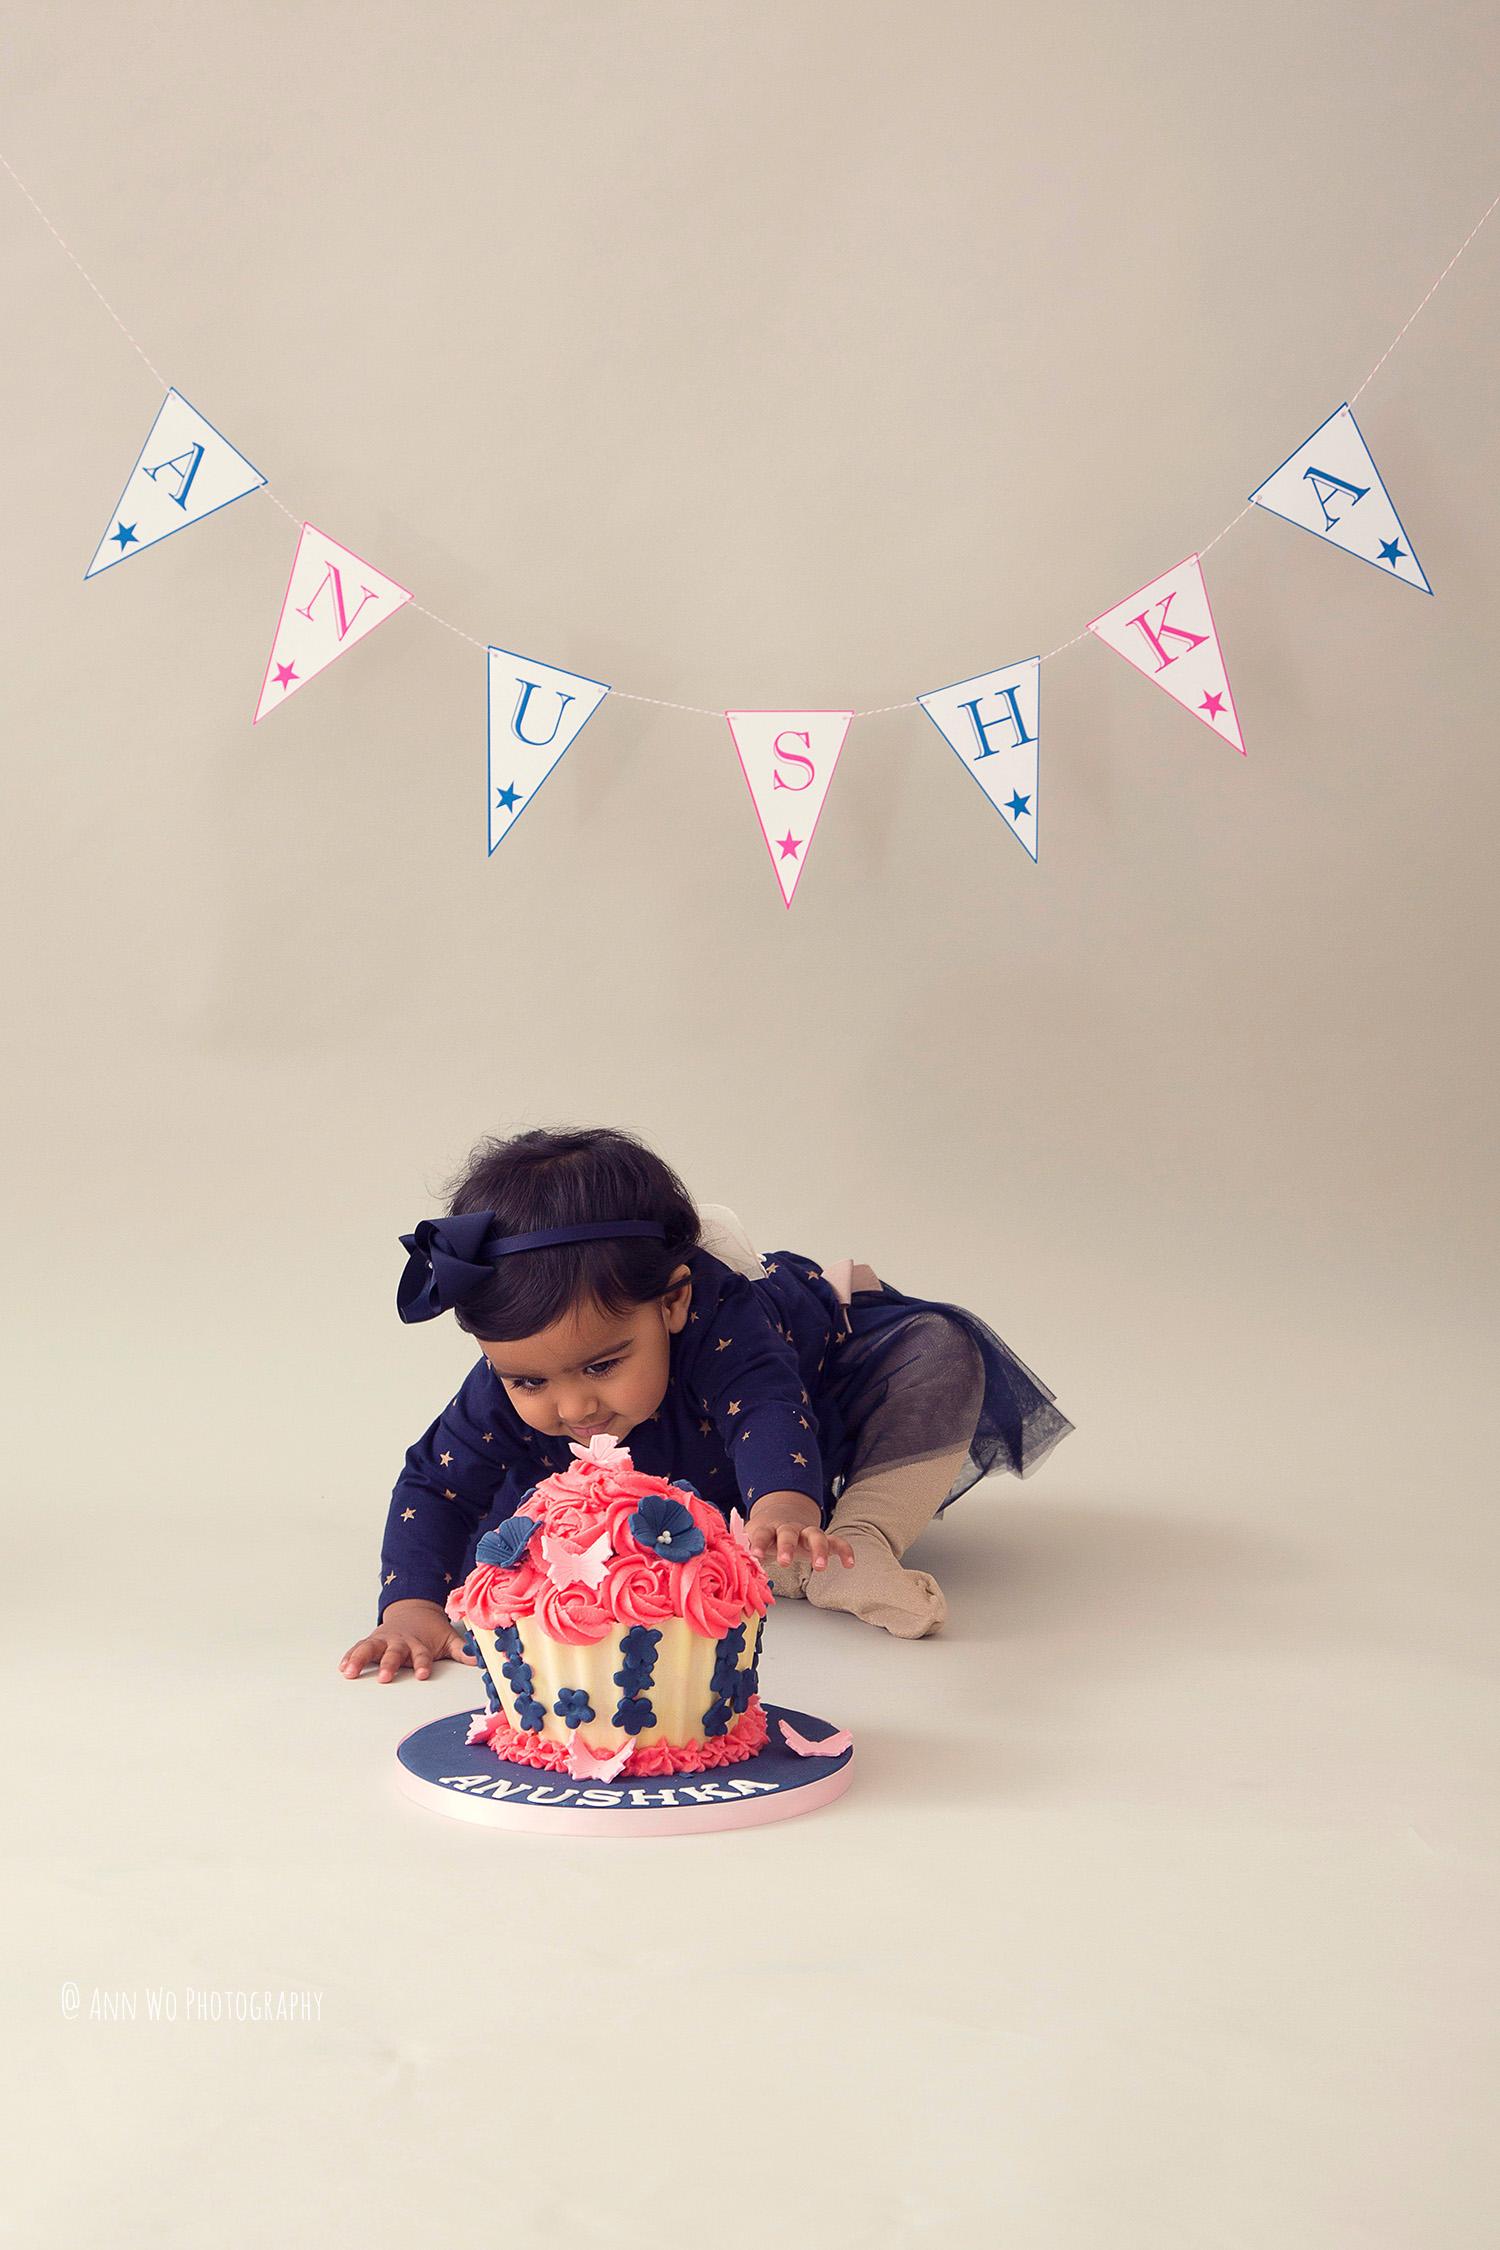 cake-smash-ann-wo-photography-london-028.jpg